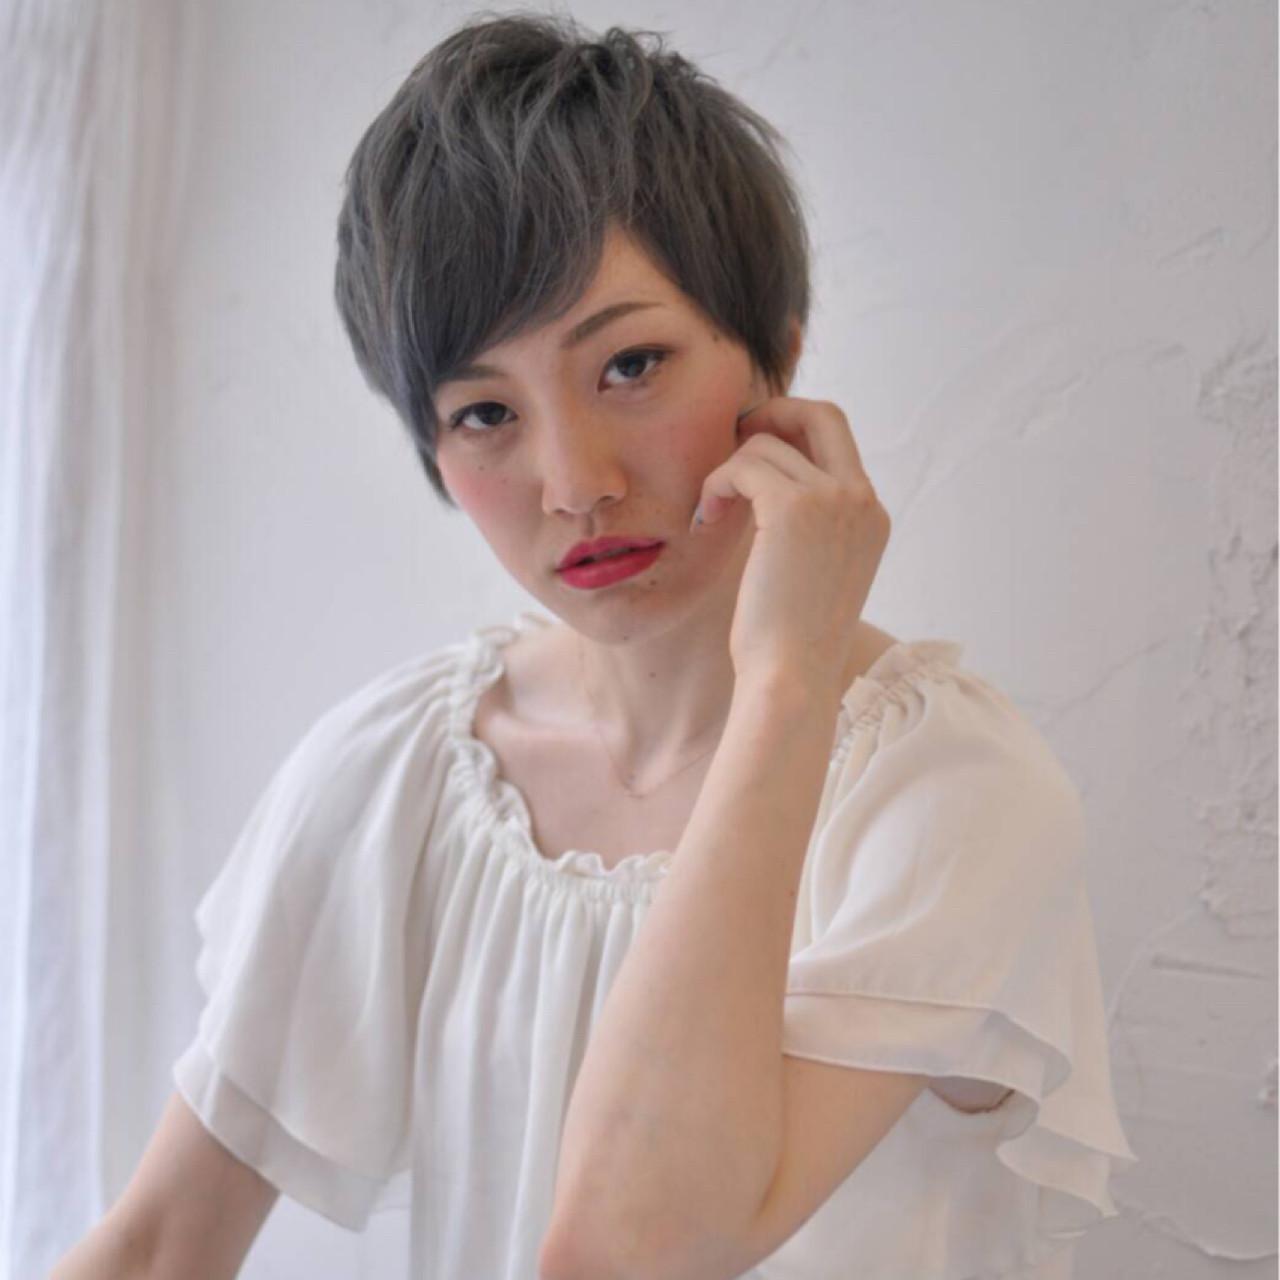 ベリーショート こなれ感 ショート フェミニン ヘアスタイルや髪型の写真・画像